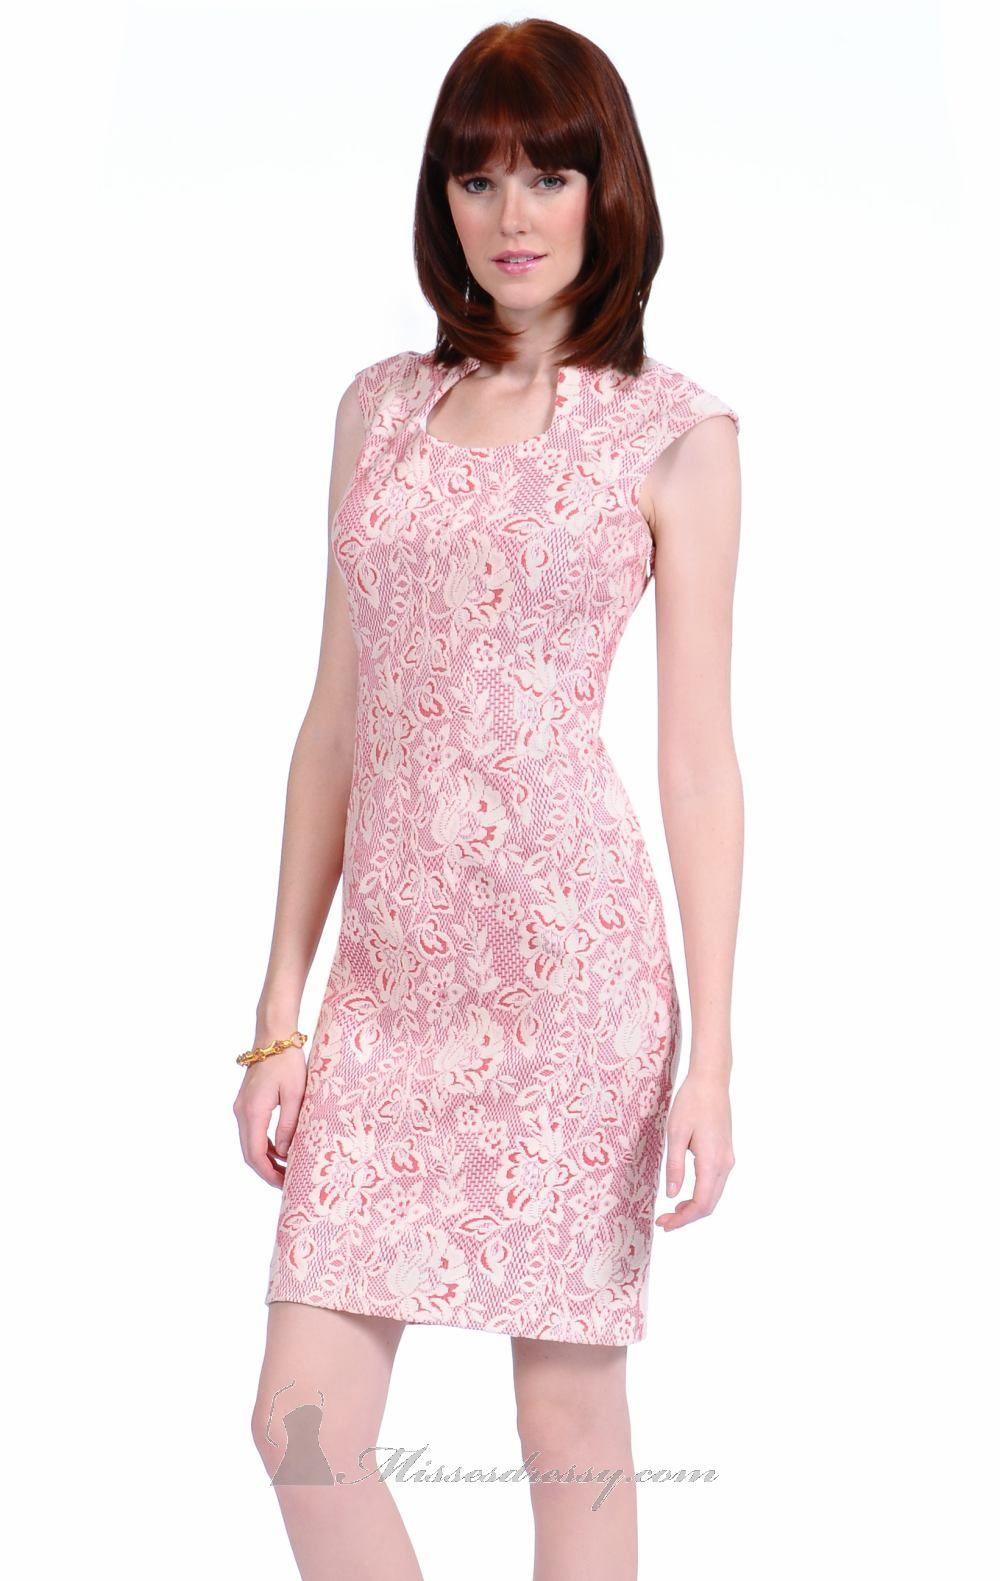 Lujoso Vestidos De Cóctel Sue Wong Cresta - Colección del Vestido de ...